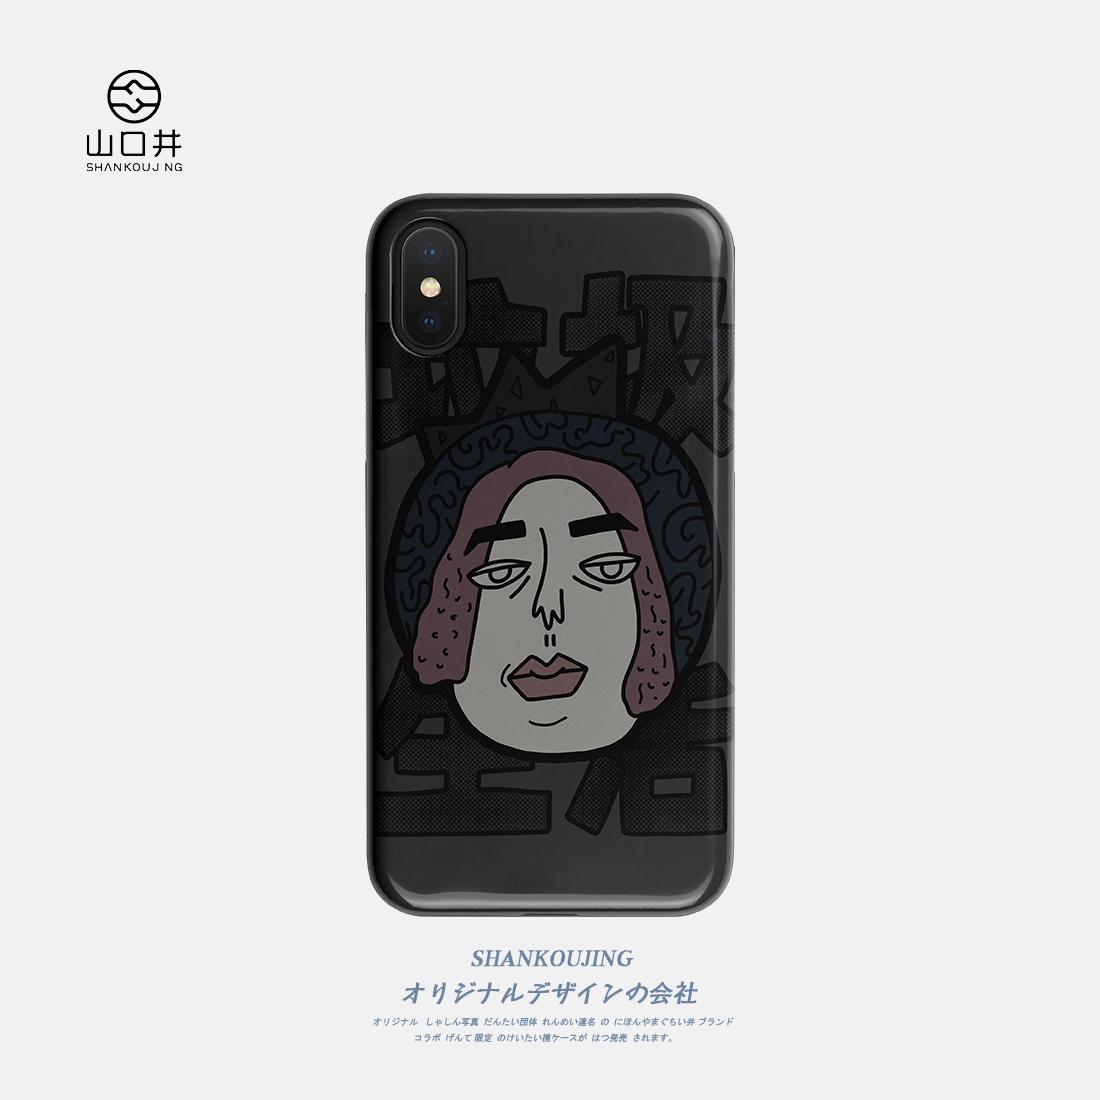 山口井 垃圾生活XSMAX手机壳XR苹果iPhone7/8/6splus硅胶全包软壳